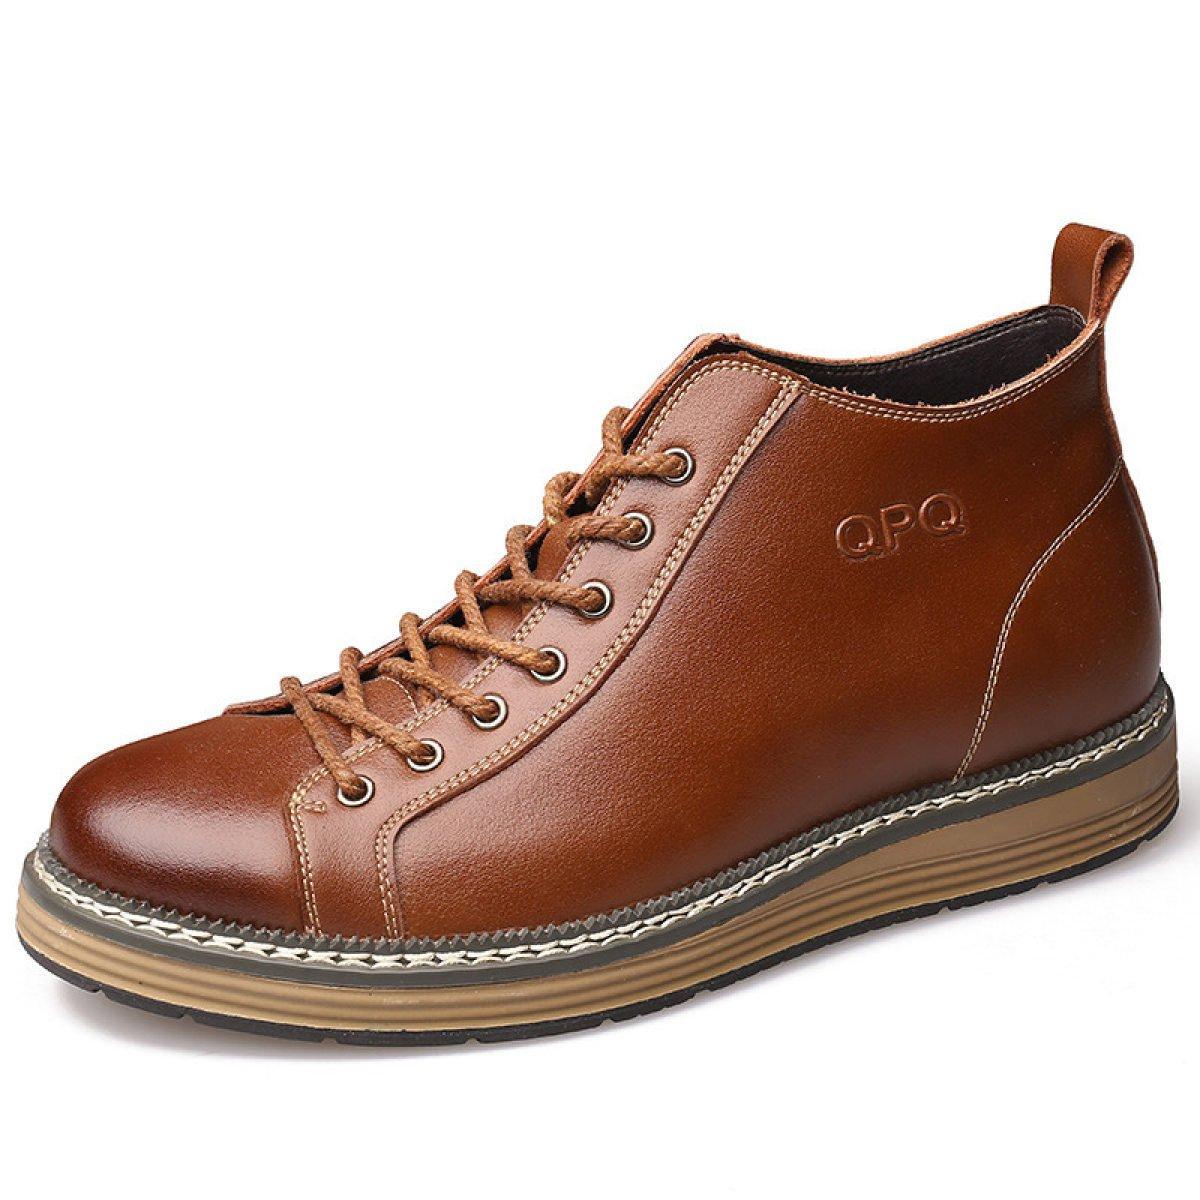 Abbigliamento Casual Affari Uomo 's Moda Alto Per Aiutare Scarpe Casual Stivali Martin Pizzi Uomini Scarpe Stivali